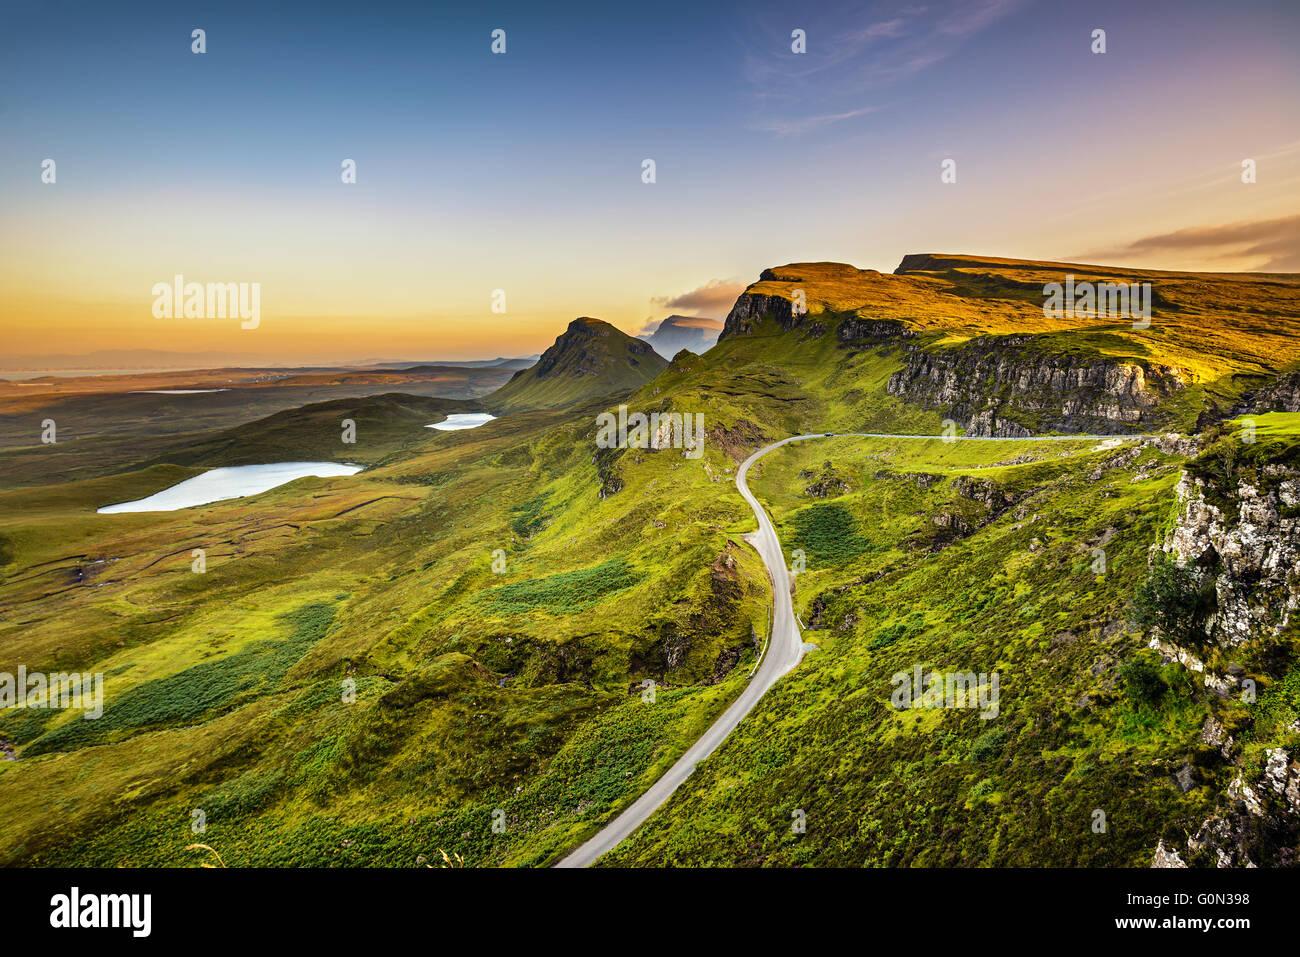 Quiraing Berge Sonnenuntergang an der Isle Of Skye, schottische Highlands, Vereinigtes Königreich Stockbild